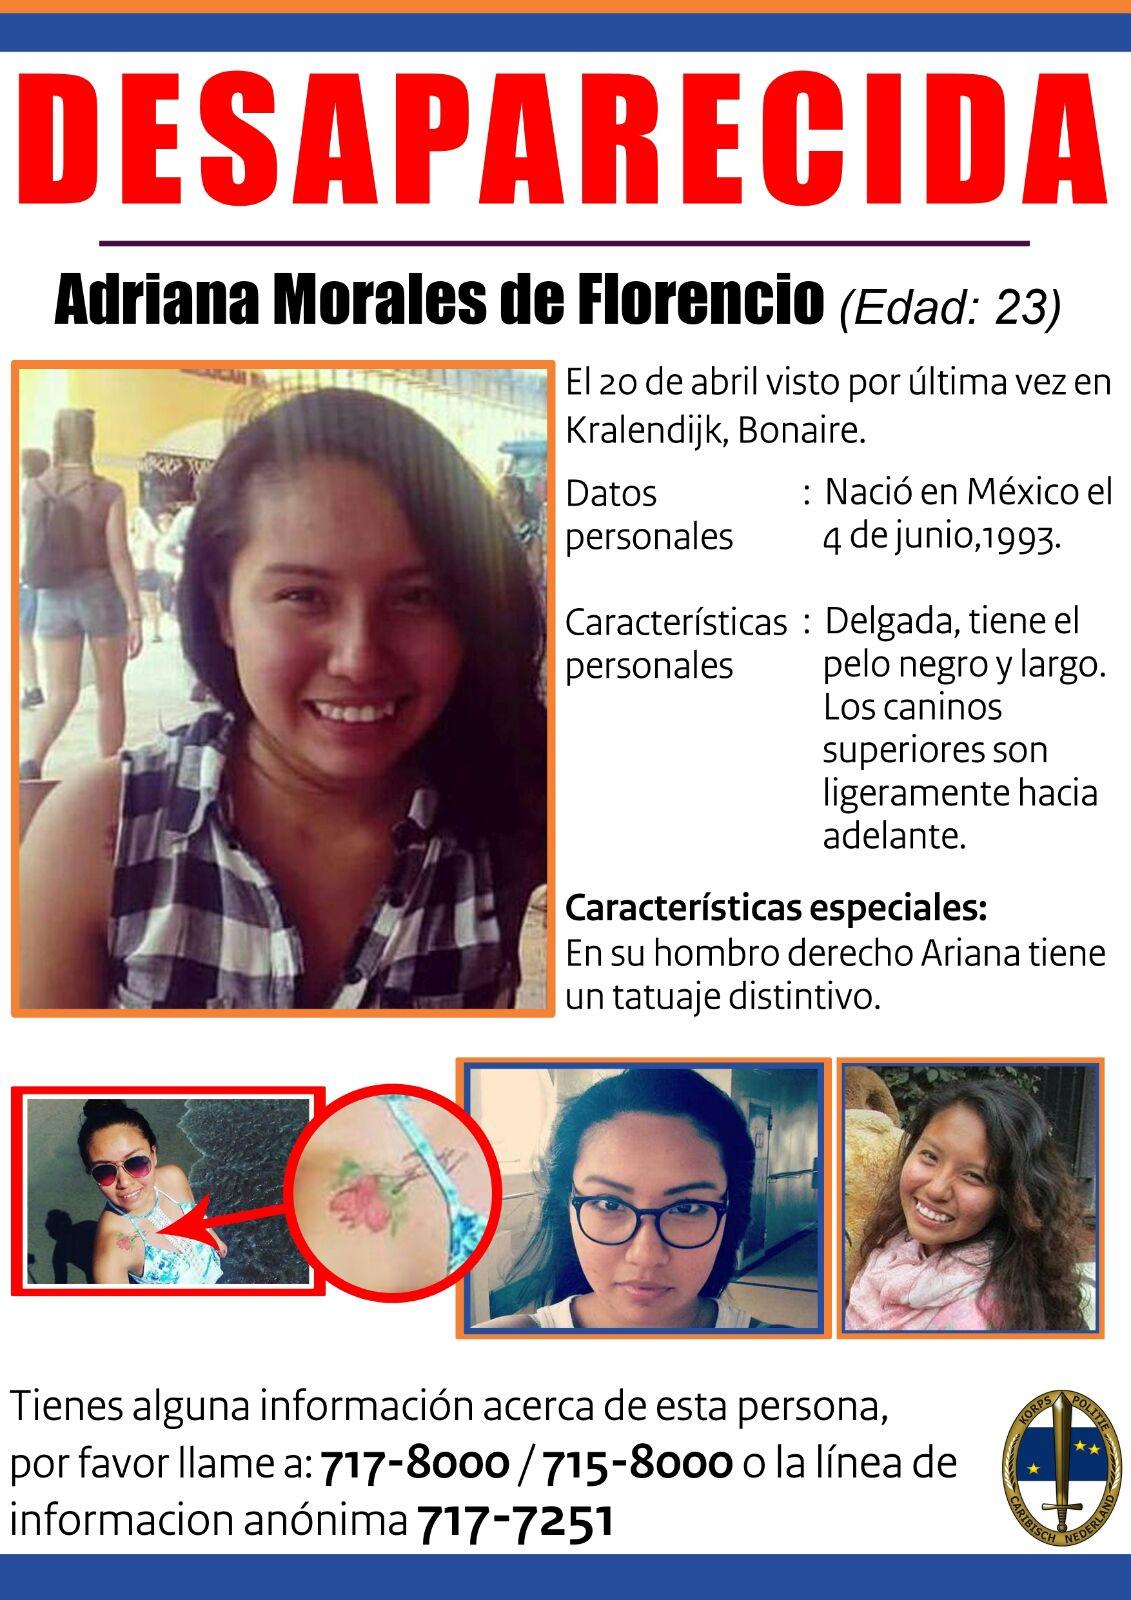 Demanda 22 aña prisòn pa asesinato Adriana Morales de Florencio.